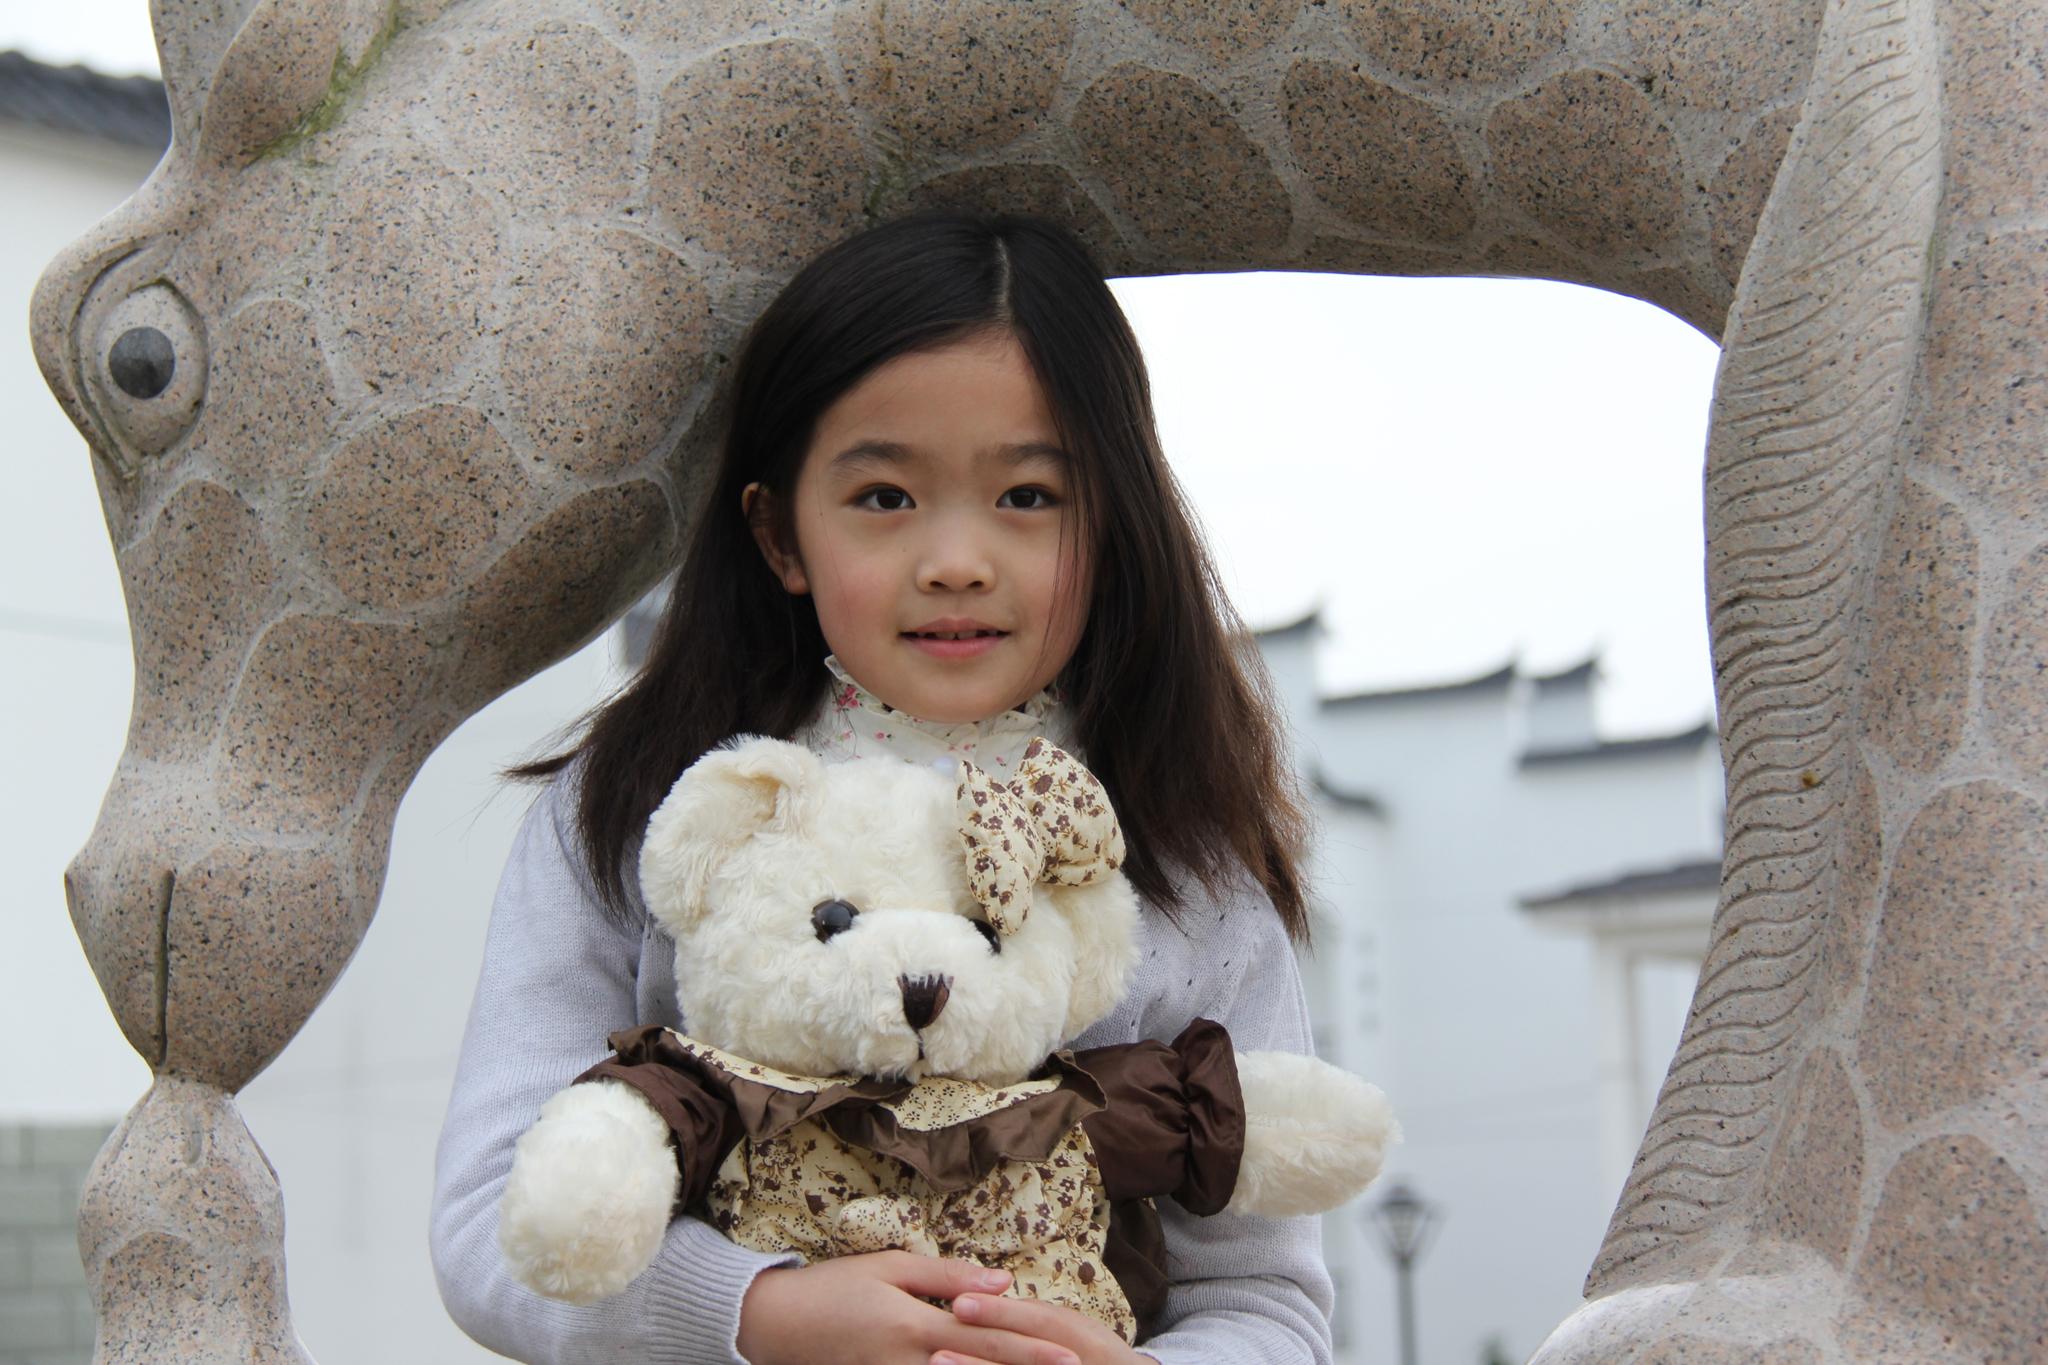 从小戏剧家到小影星仅仅是480天的逾越。 那是2010年11月的一天,刚刚以演唱豫剧《谁说女子不如男》而荣获葫芦岛小戏剧家金奖的杨家诺(葫芦岛实验一小学生)随即被推举参加北京悦动美迪在葫芦岛全程拍摄大爱题材的数字电影《爱我的人请举手》(原名《相思鸟》),剧中扮演儿童主演小格格(本名依杨家诺的小名定名),格格聪慧不惧,表演胸有成竹,并非人小鬼大,但的却有小大人儿的样儿,不仅多才多艺,拥有声乐、戏剧、语言、舞蹈、表演等才艺,而且大方不失温文尔雅,文静并非胆怯寡言。2011年4月,只有